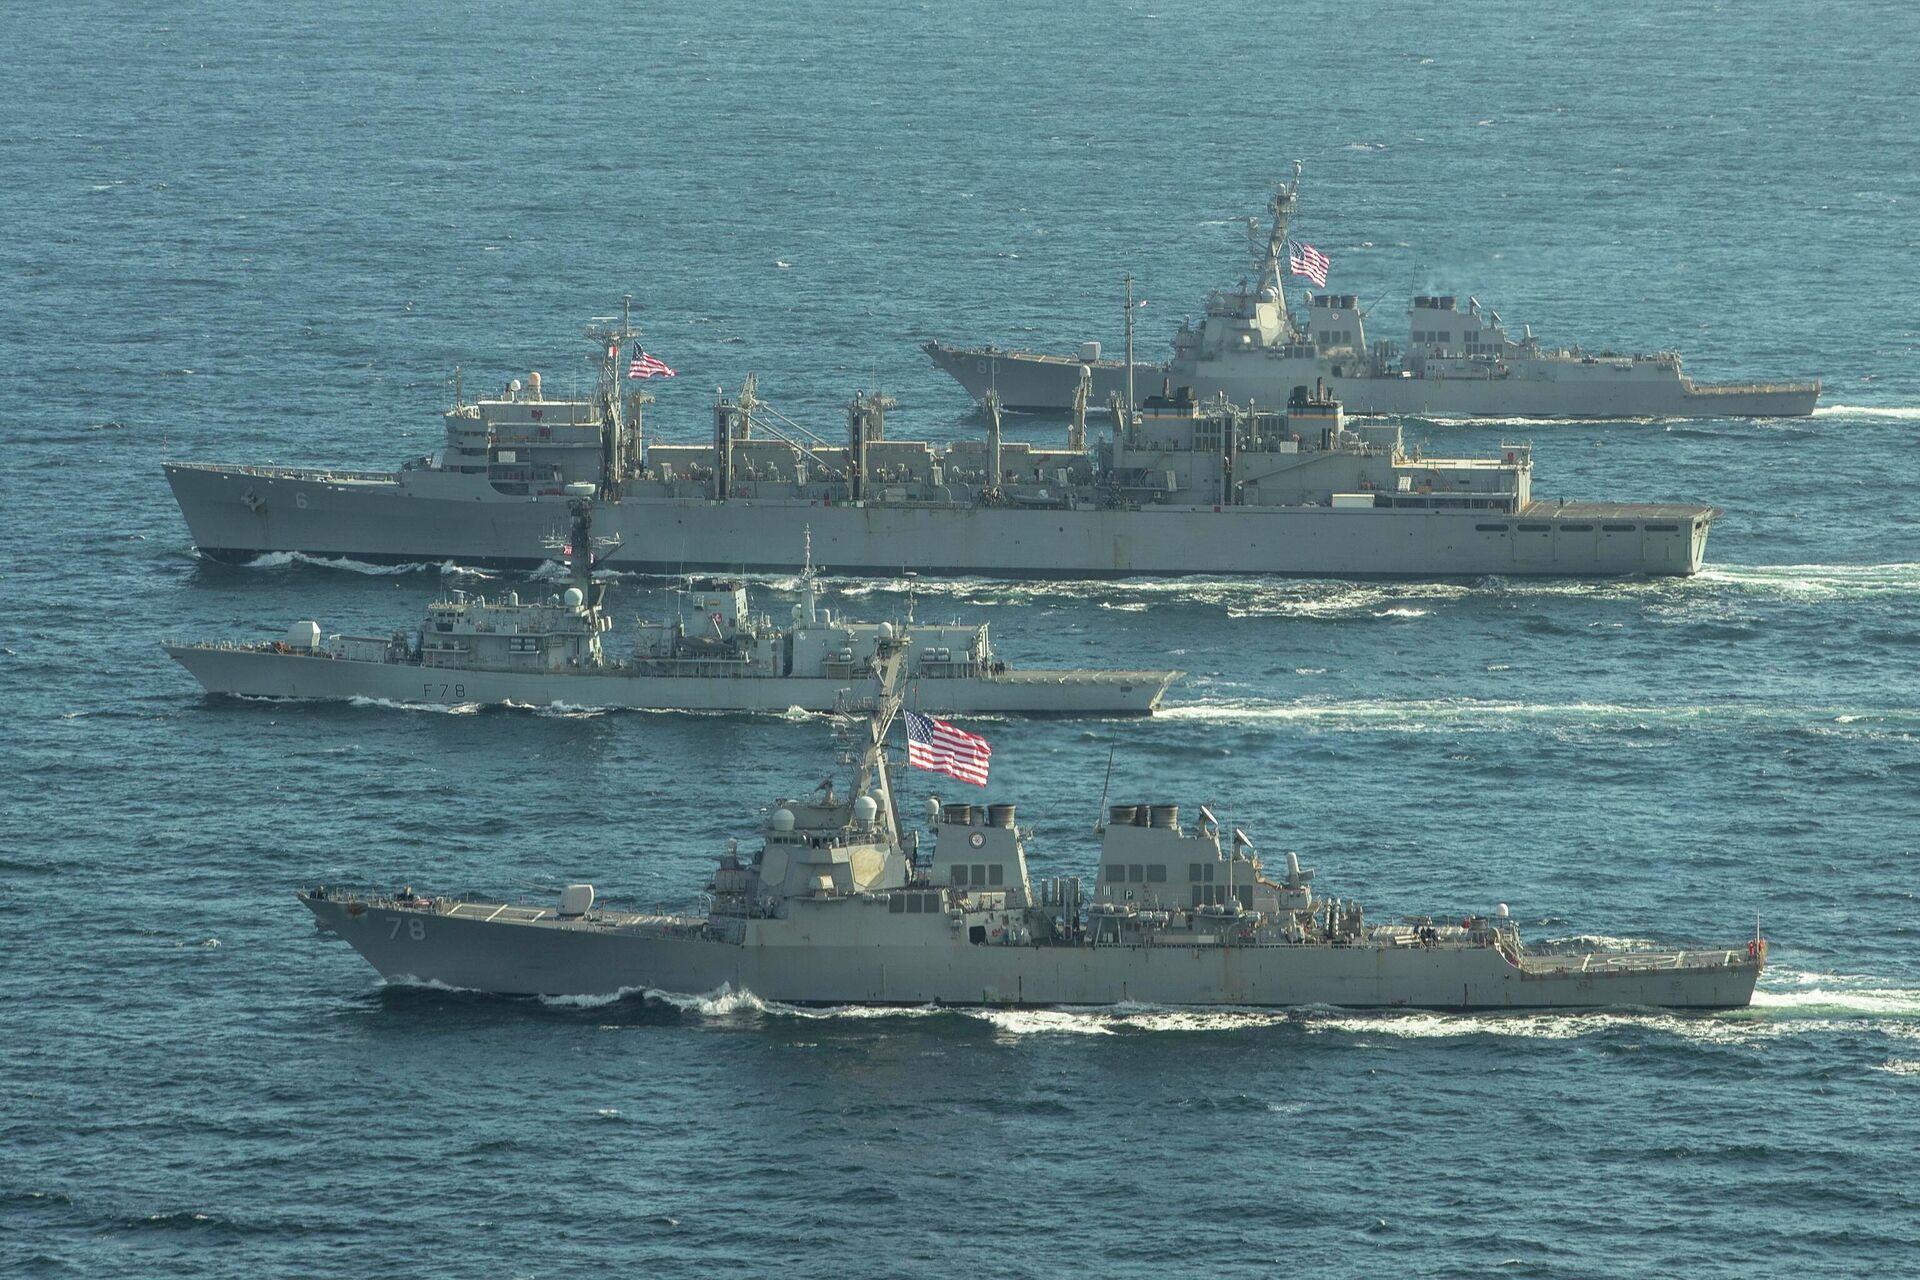 Эсминцы ВМС США Портер, Дональд Кук и Франклин Рузвельт и британский фрегат Кент во время учений в Баренцевом море. 5 мая 2020 - РИА Новости, 1920, 20.10.2020